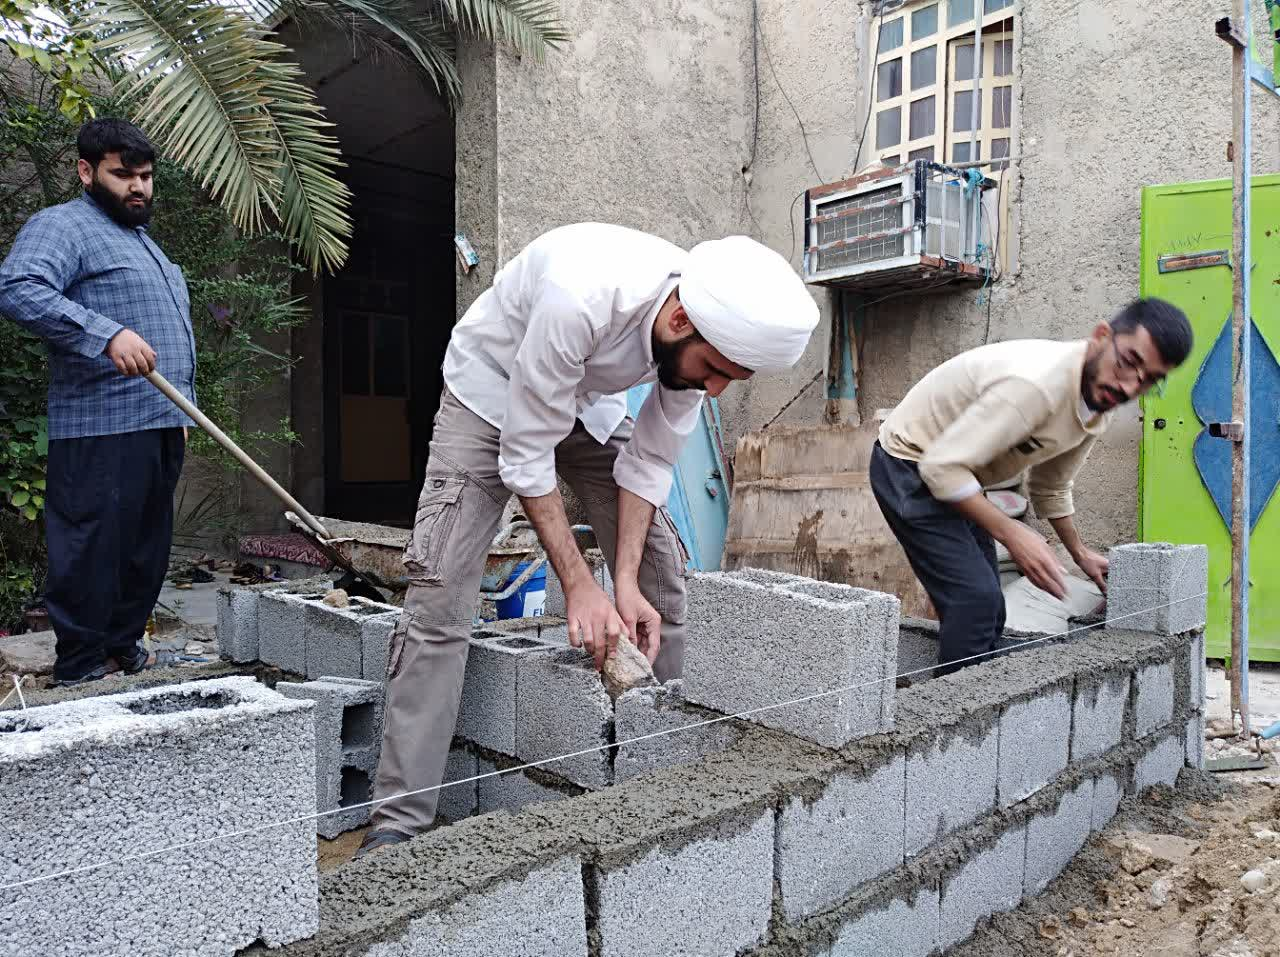 خدمات رسانی طلاب جهادگر و بسیجی استان به نیازمندان شهر چغادک+تصاویر